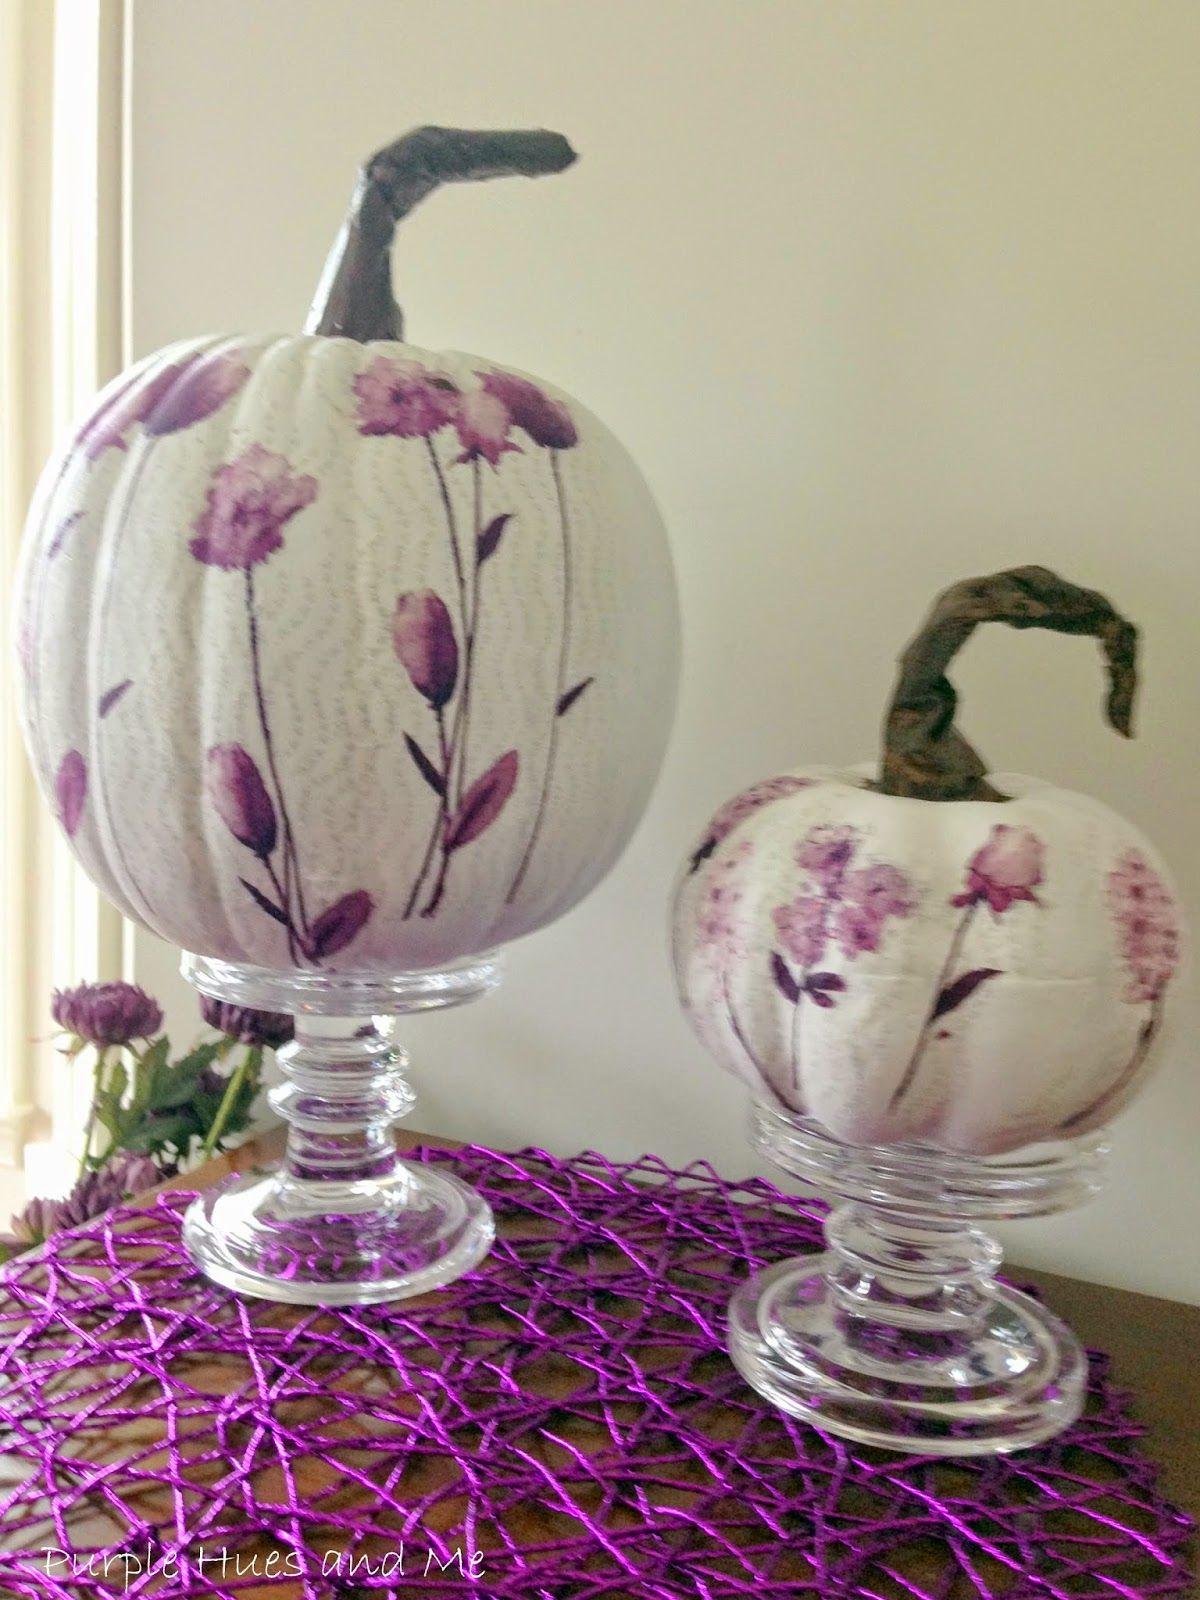 Decoupage Paper Napkins on Pumpkins Using Plastic Wrap